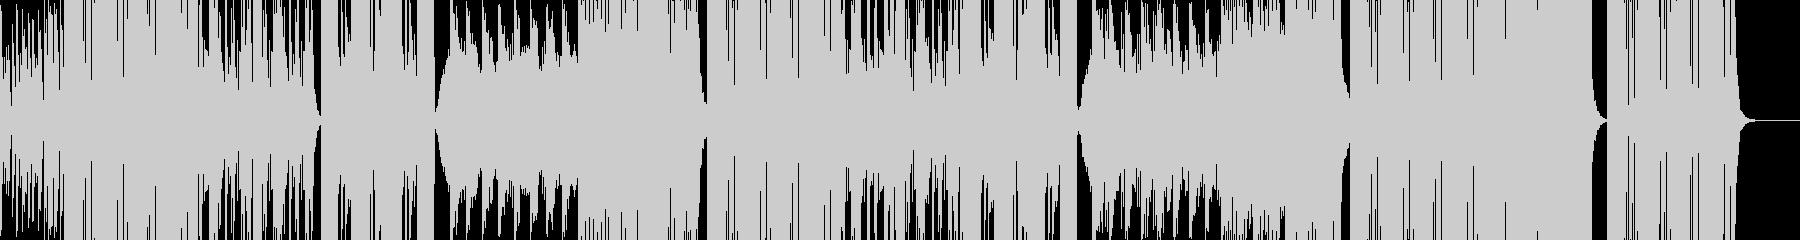 「 筋トレ時に最適 」「 変んなダンス」の未再生の波形